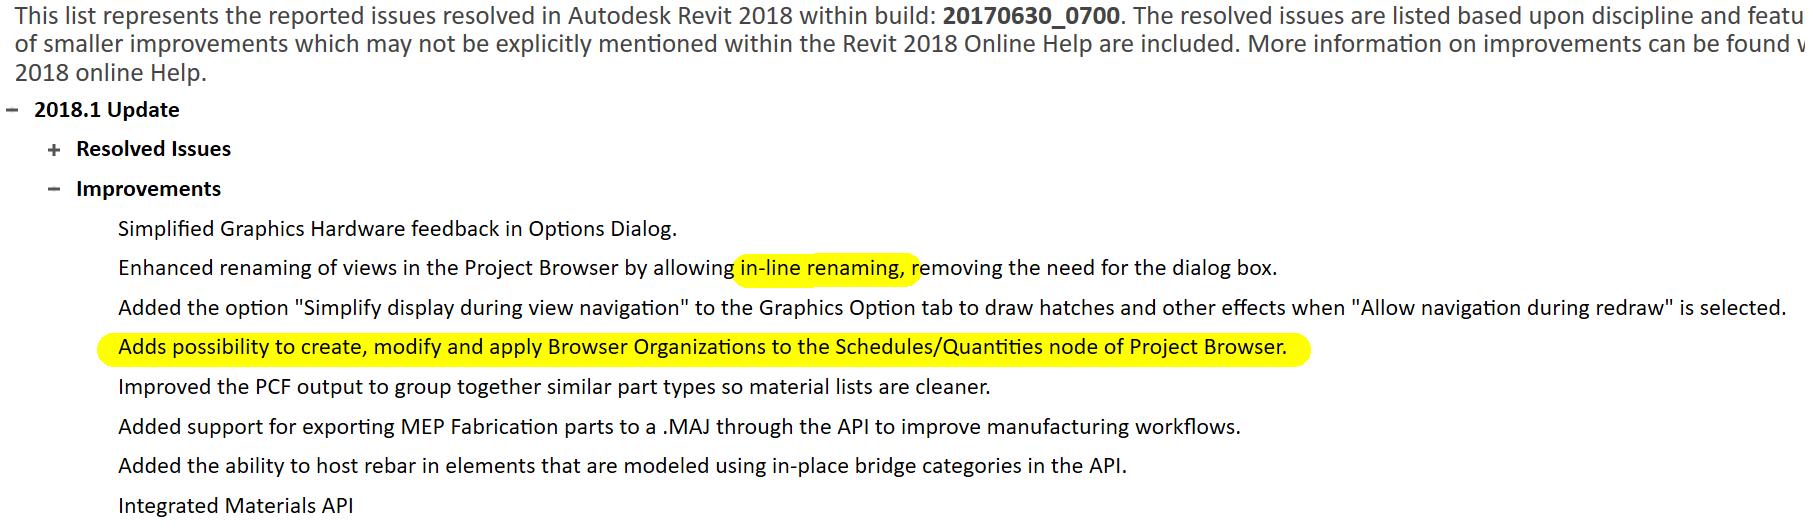 Revit 2018 1 Update Download Link, brings Browser Organisation for